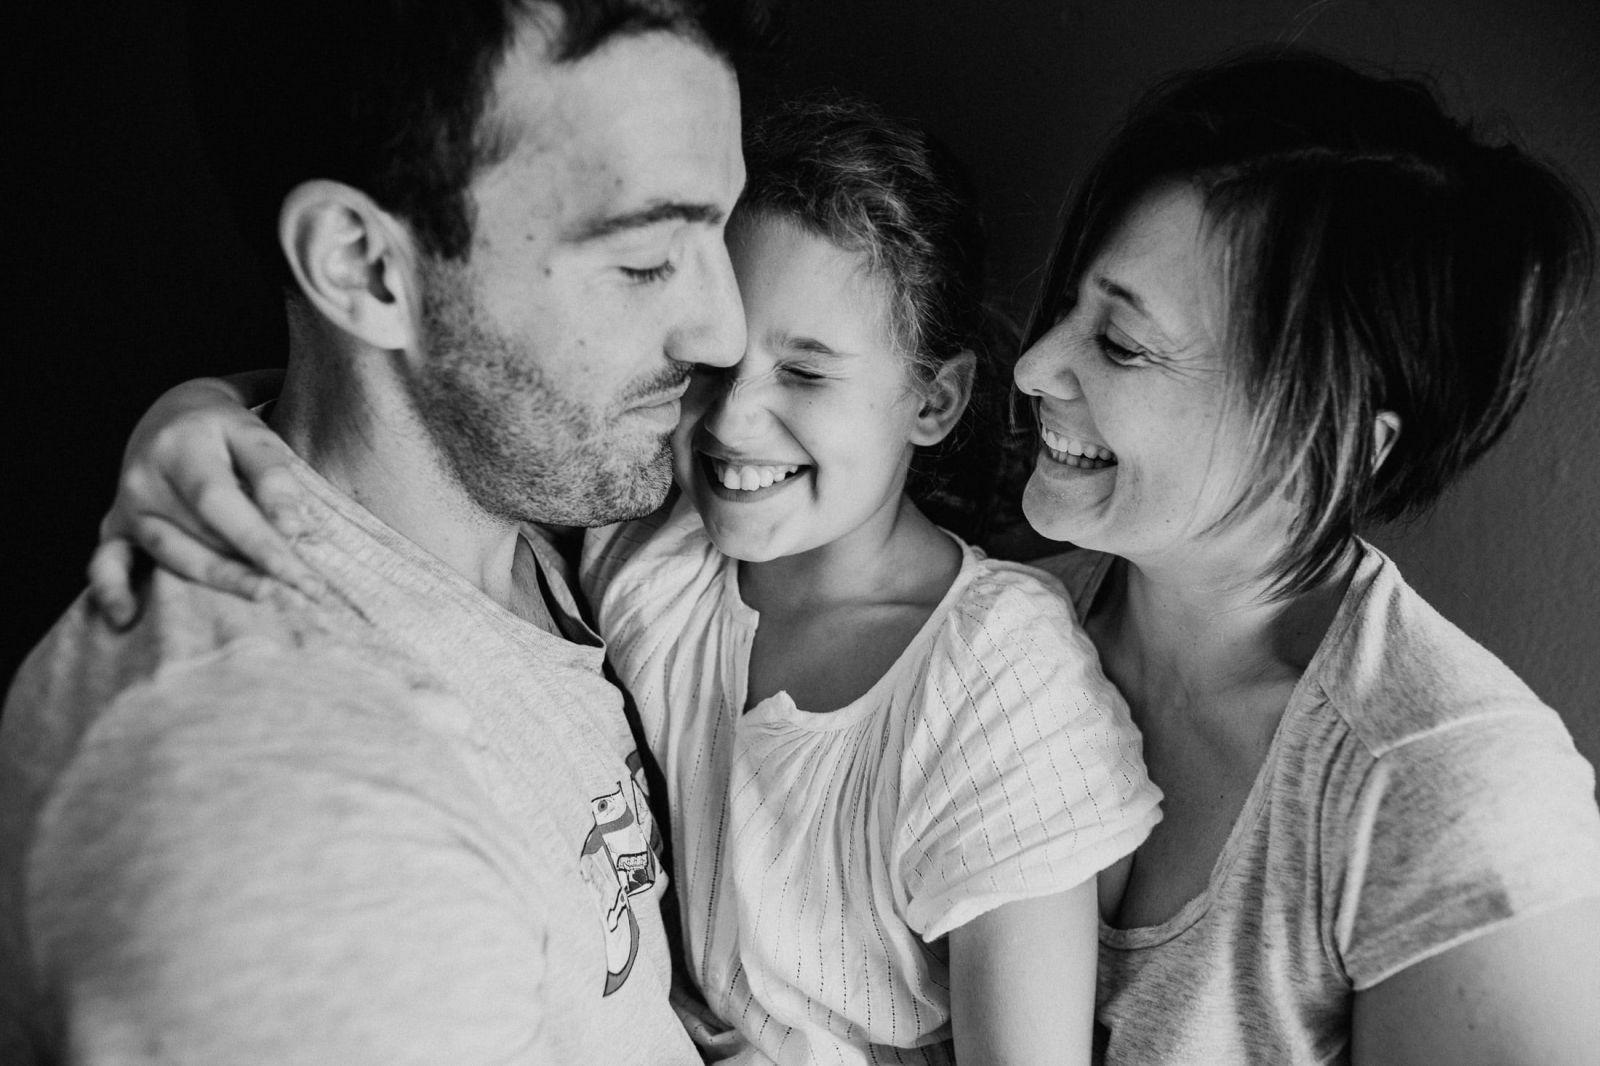 photographe famille paris agnes colombo